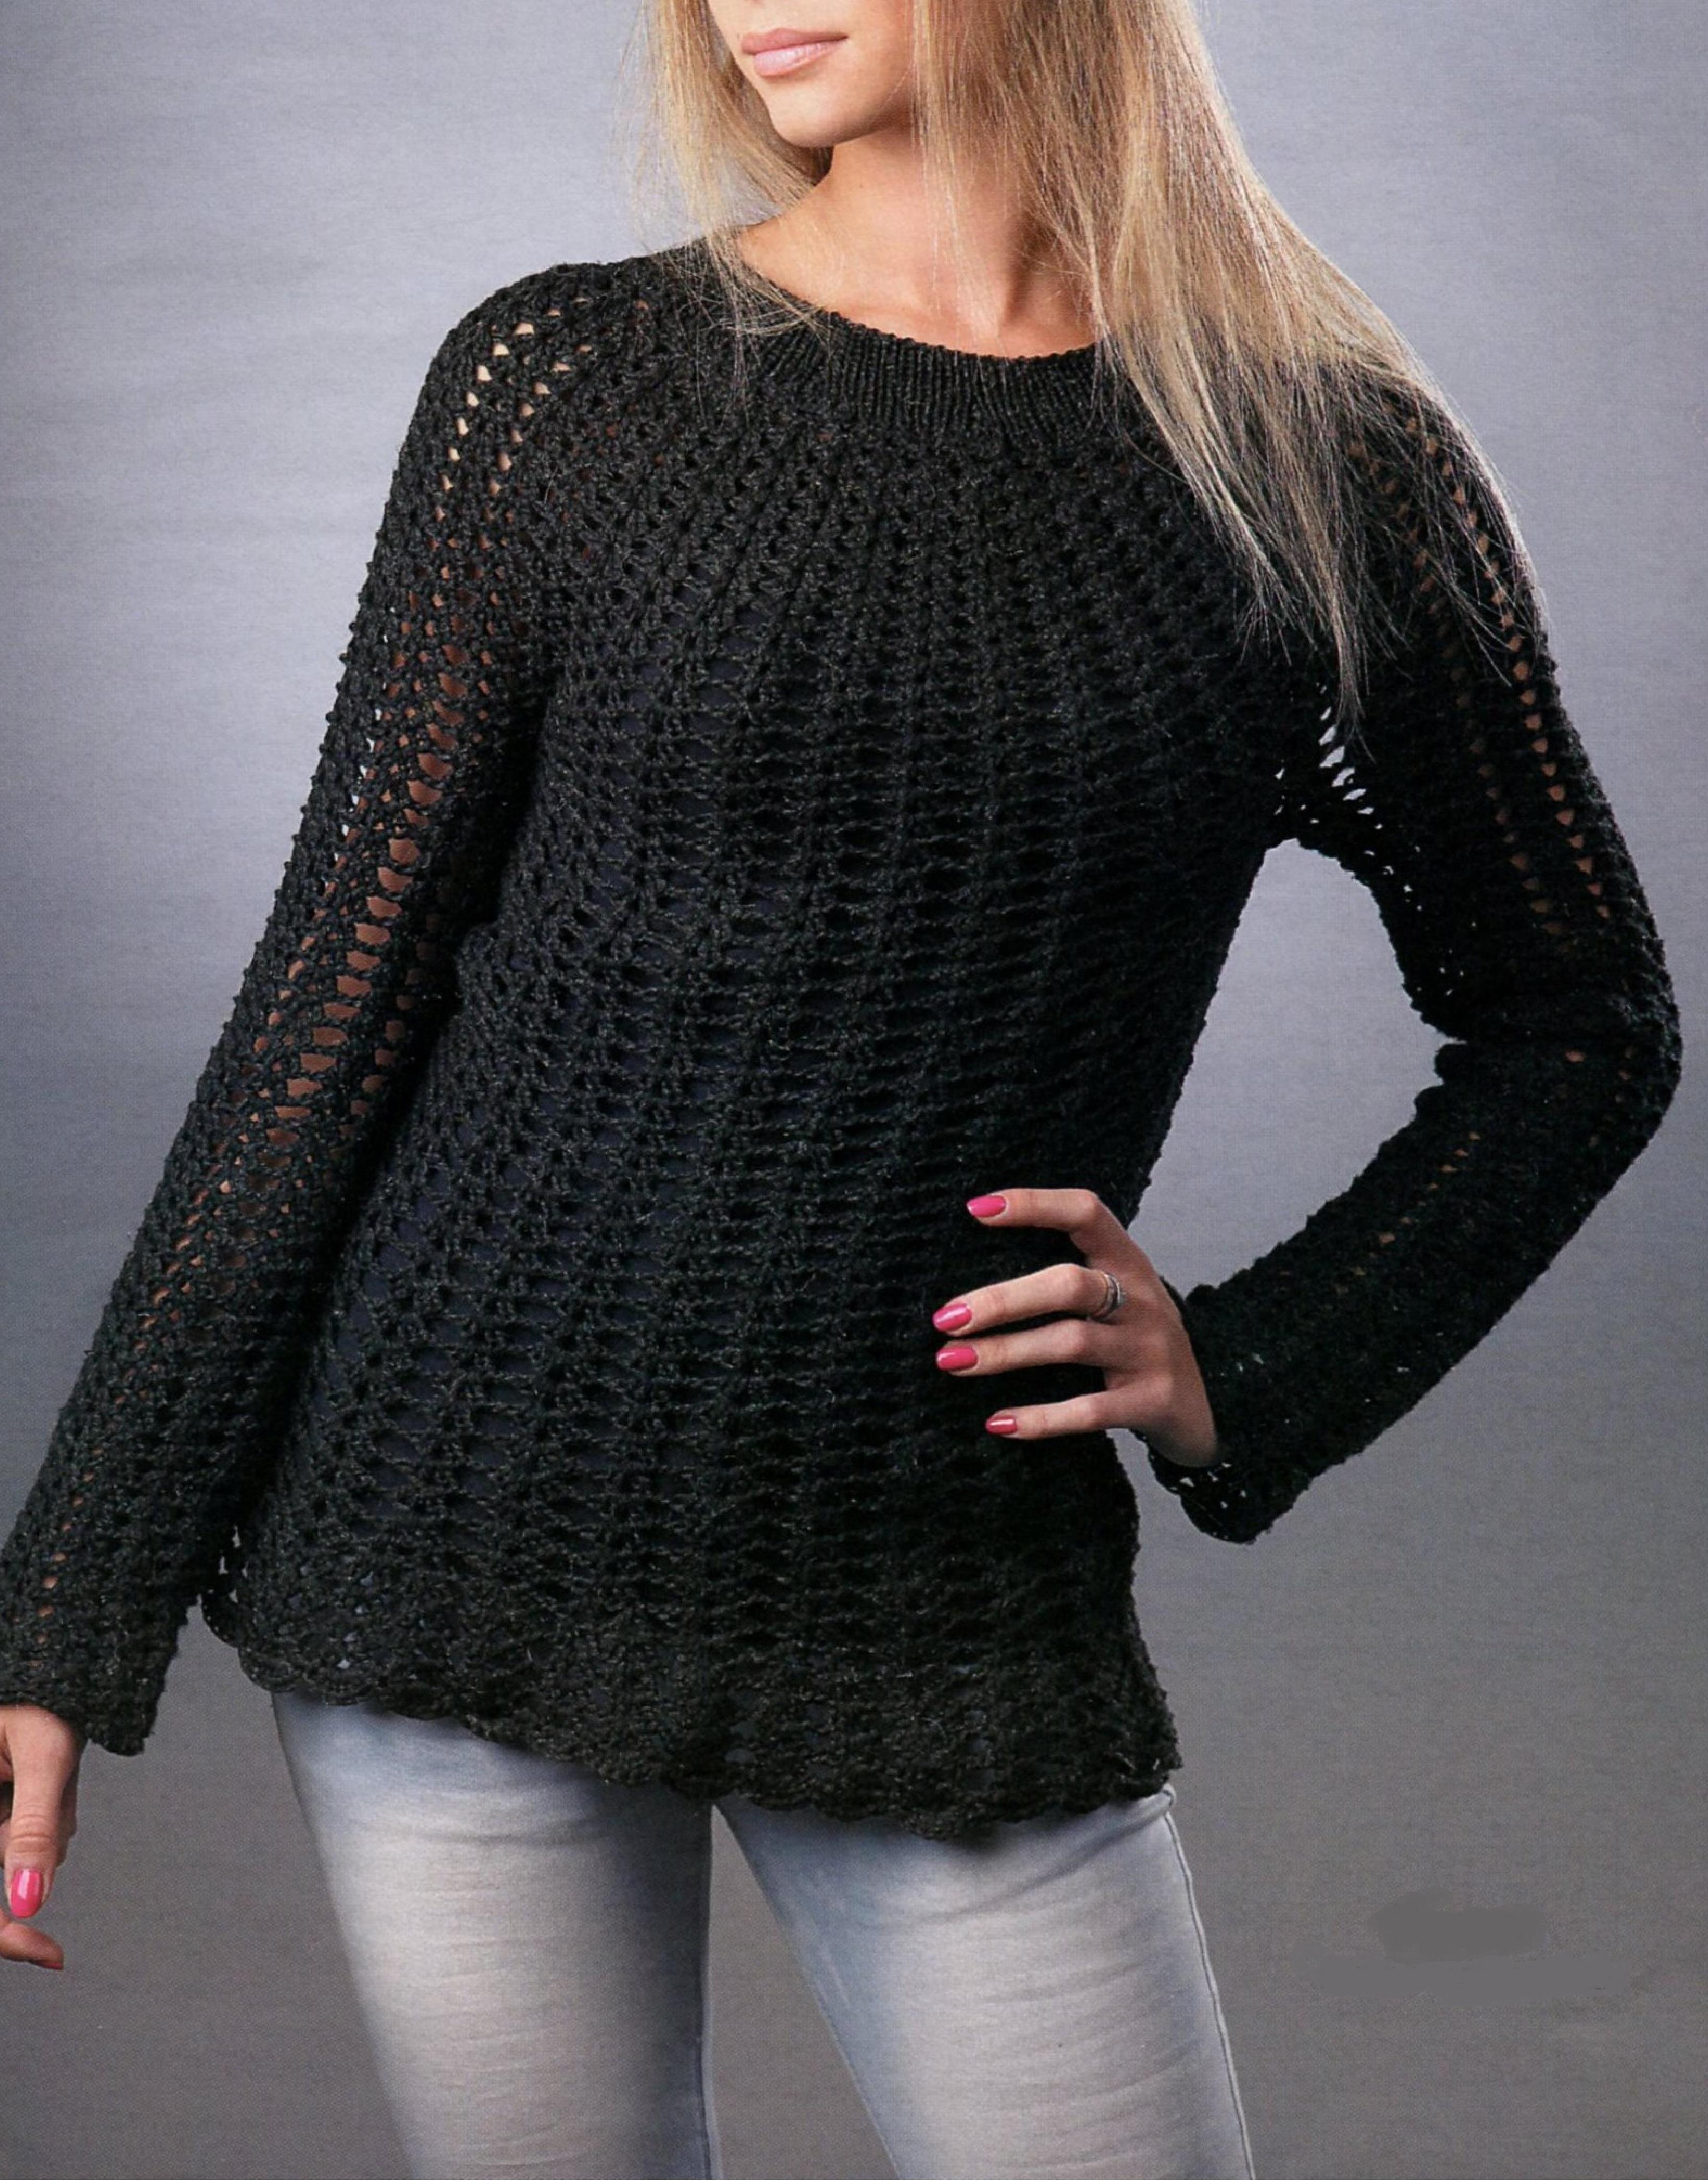 Чёрный ажурный пуловер спицами